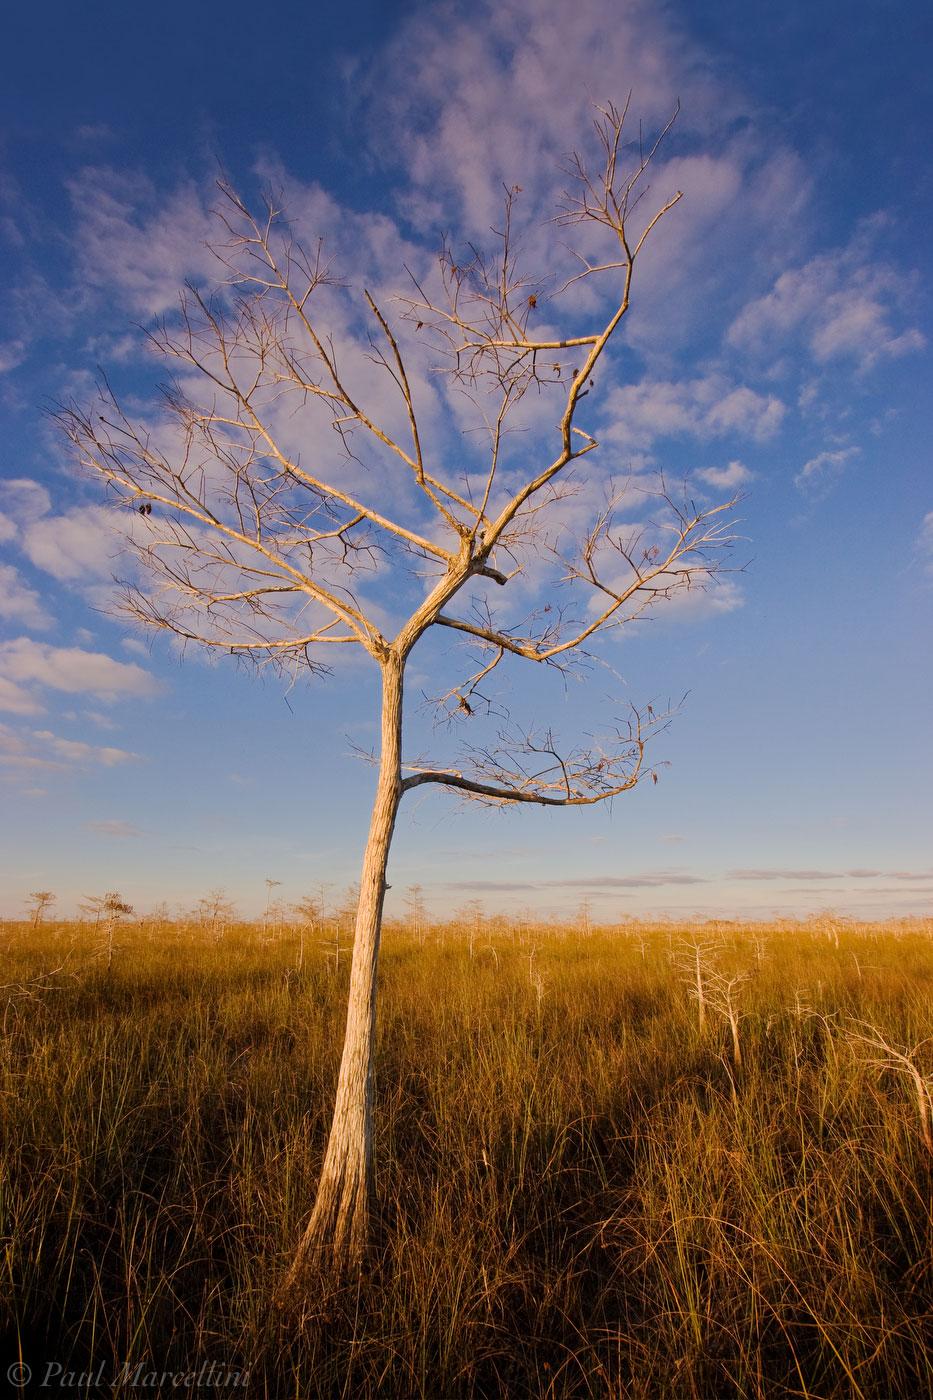 cloud, bald cypress, taxodium distichum, everglades, Florida, nature, photography, florida national parks, photo